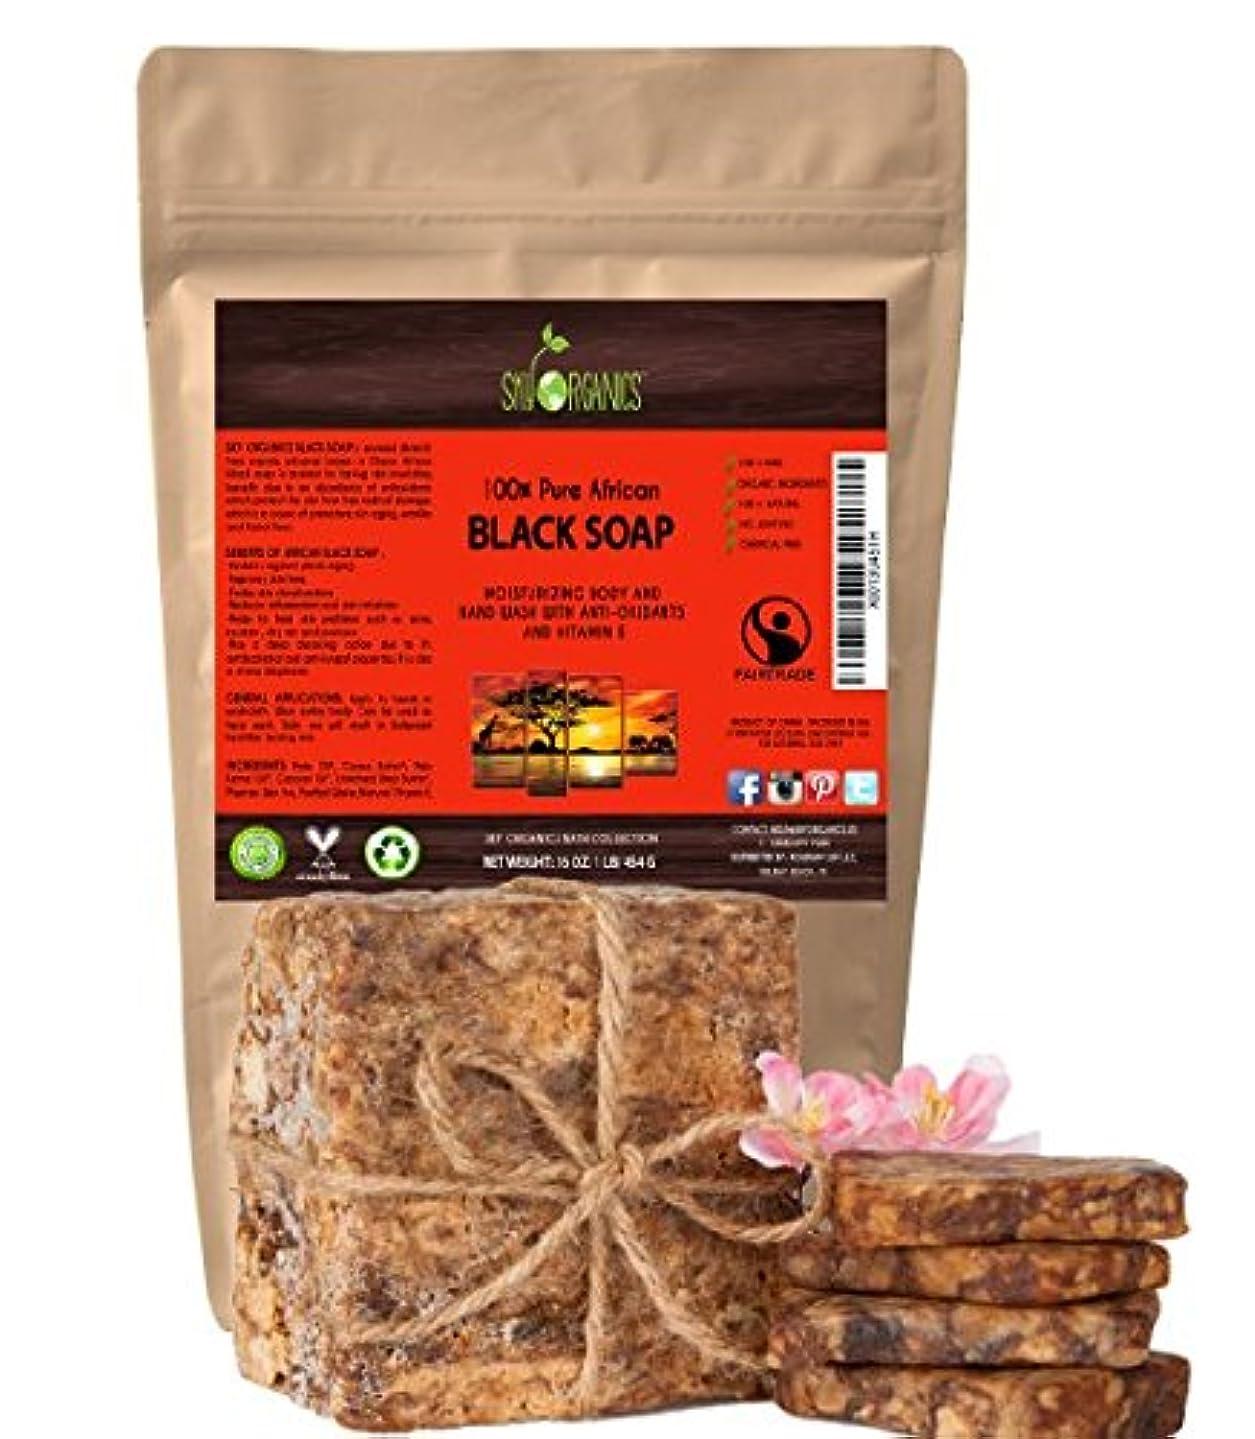 使い込むセッティング終わらせる切って使う オーガニック アフリカン ブラックソープ (約4563gブロック)Organic African Black Soap (16oz block) - Raw Organic Soap Ideal for Acne...